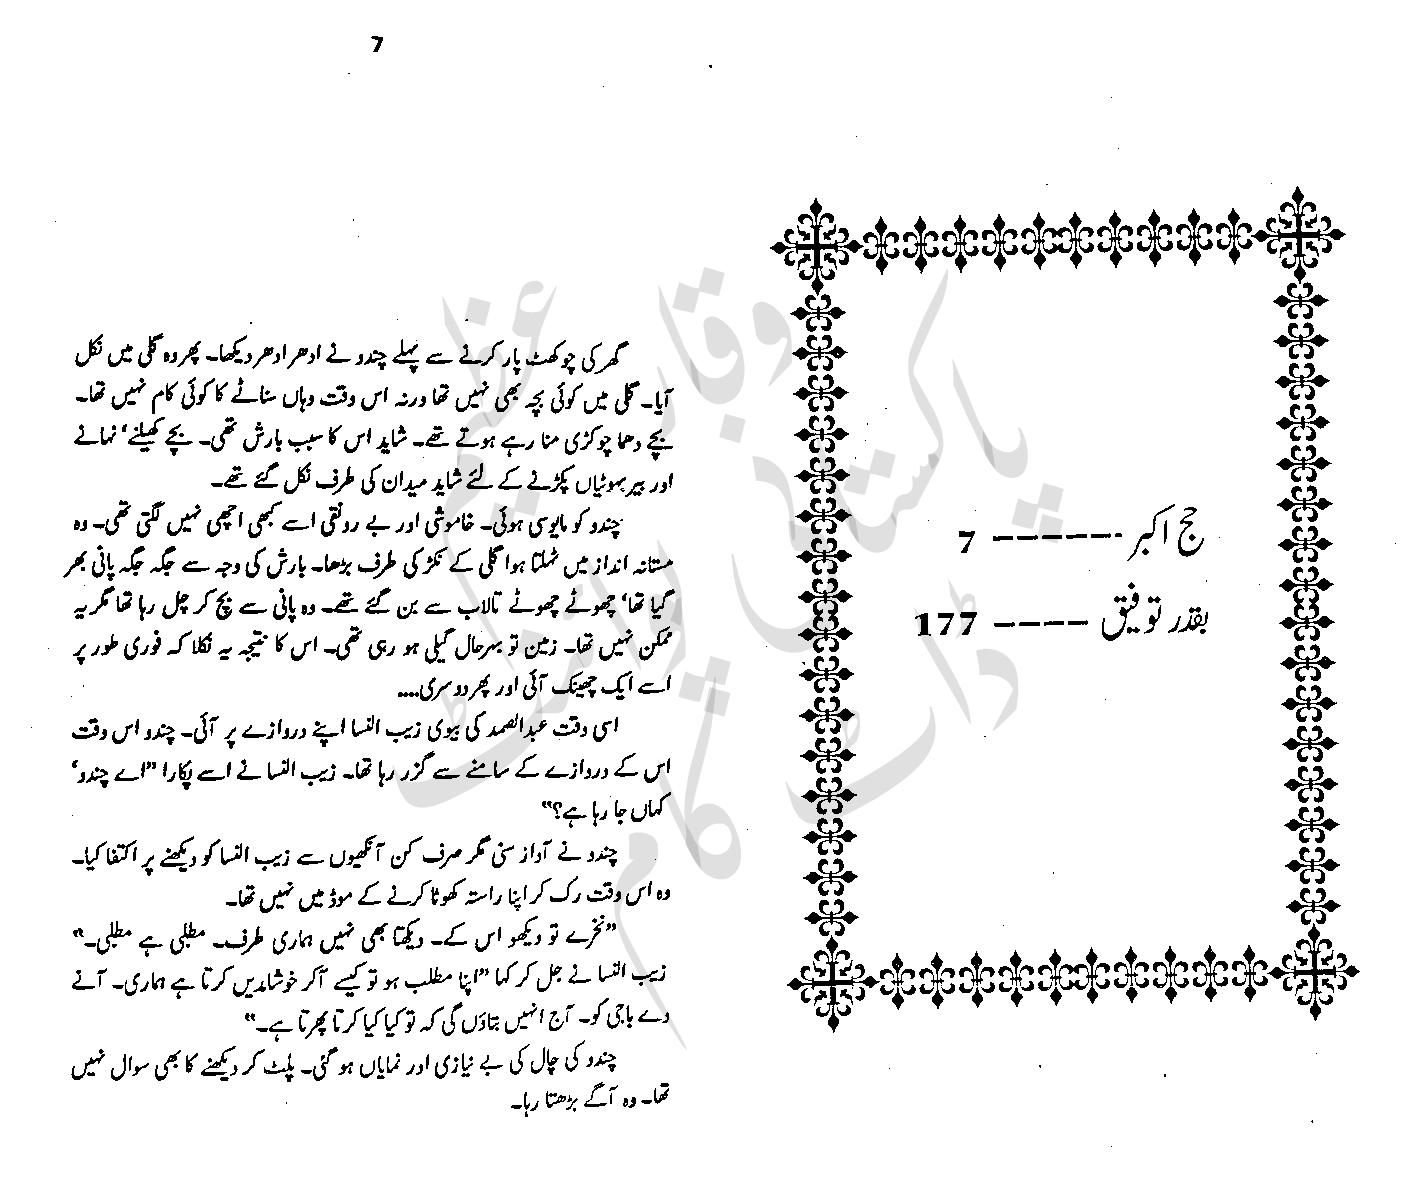 hajj-e-akbar by aleem-ul-haq haqi